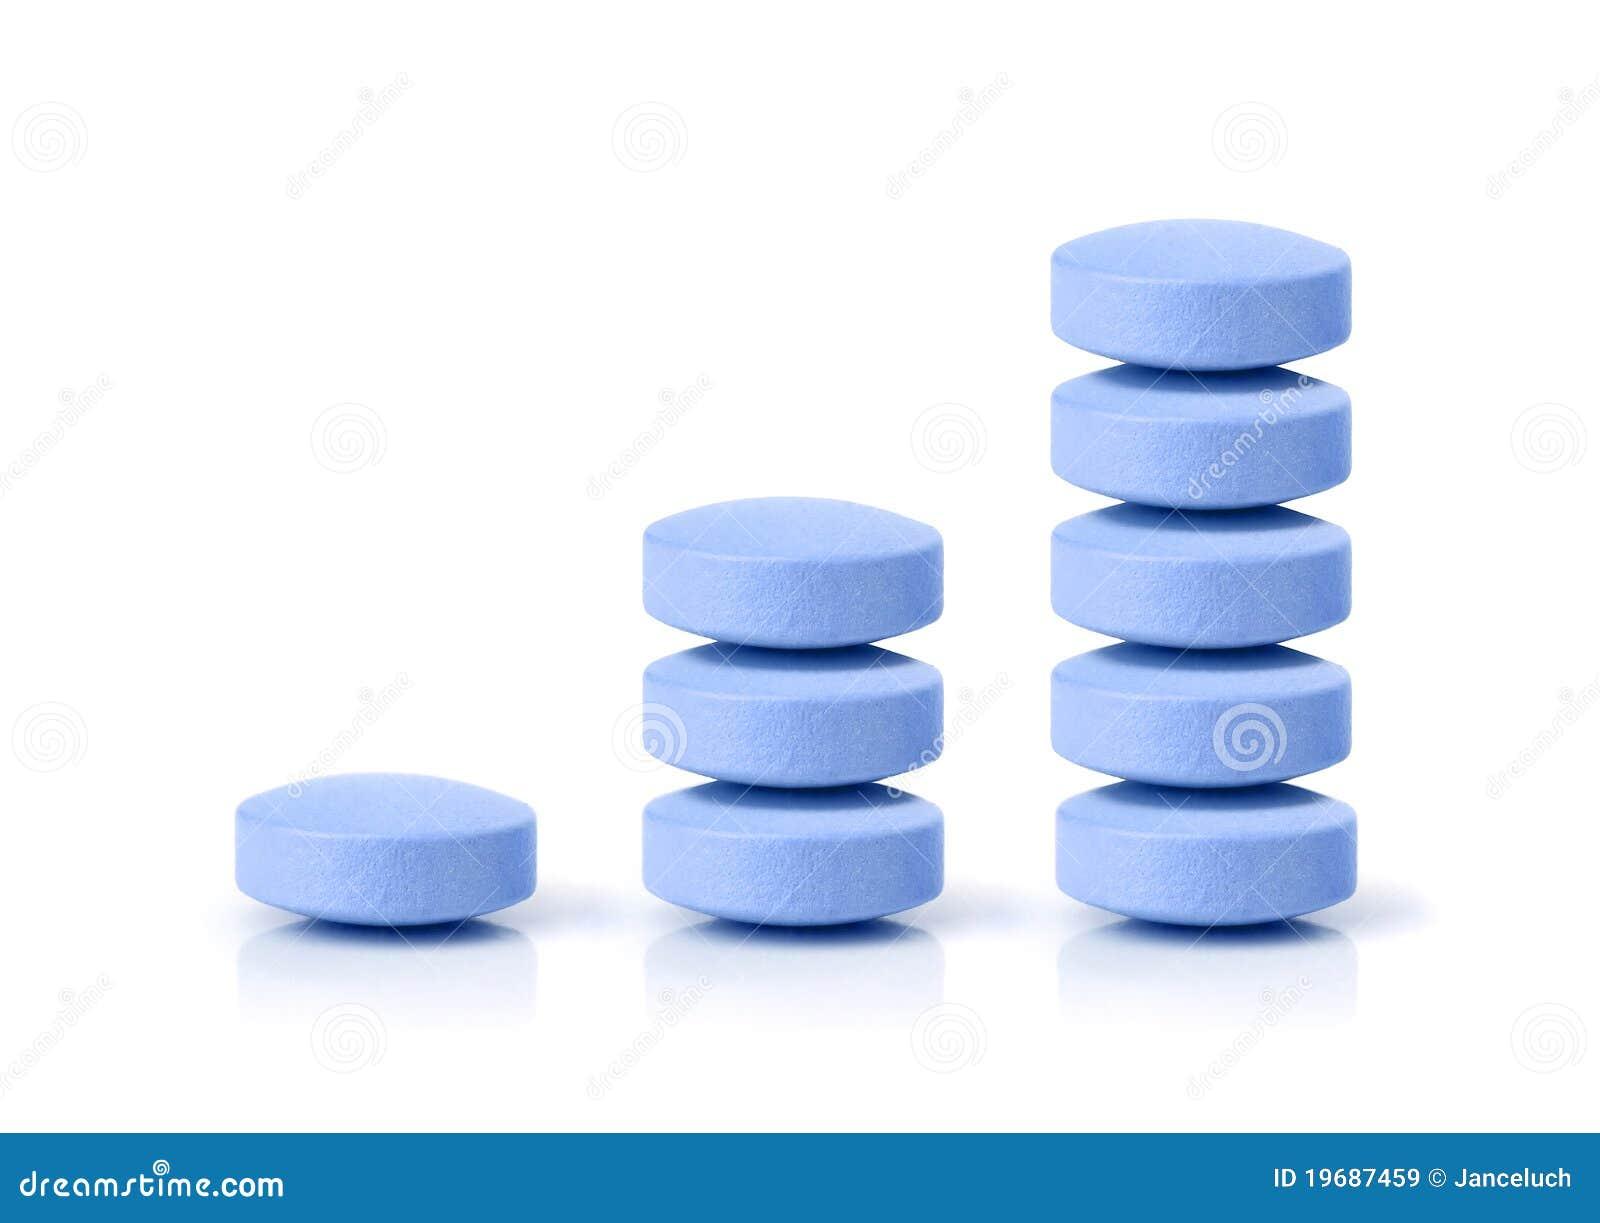 viagra color of pill